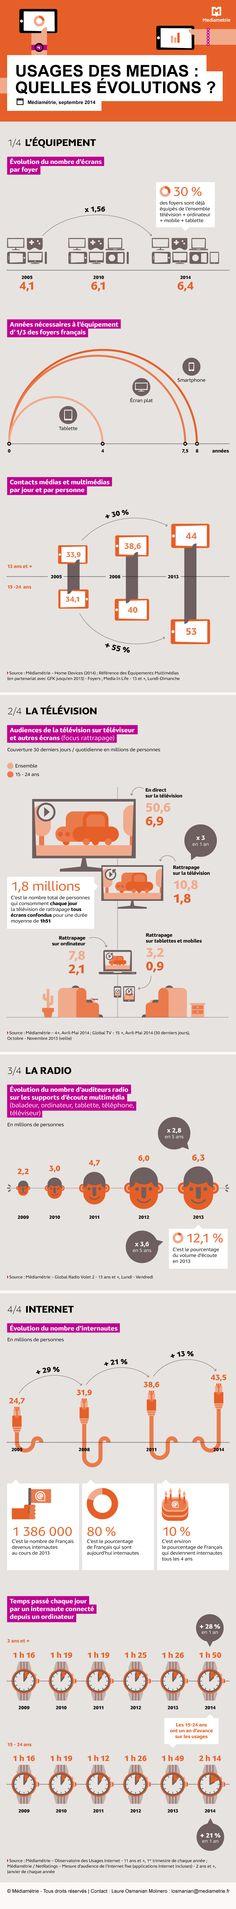 Quels usages et équipement numérique dans les foyers français en 2014 ? (Source Mediametrie -Septembre 2014)